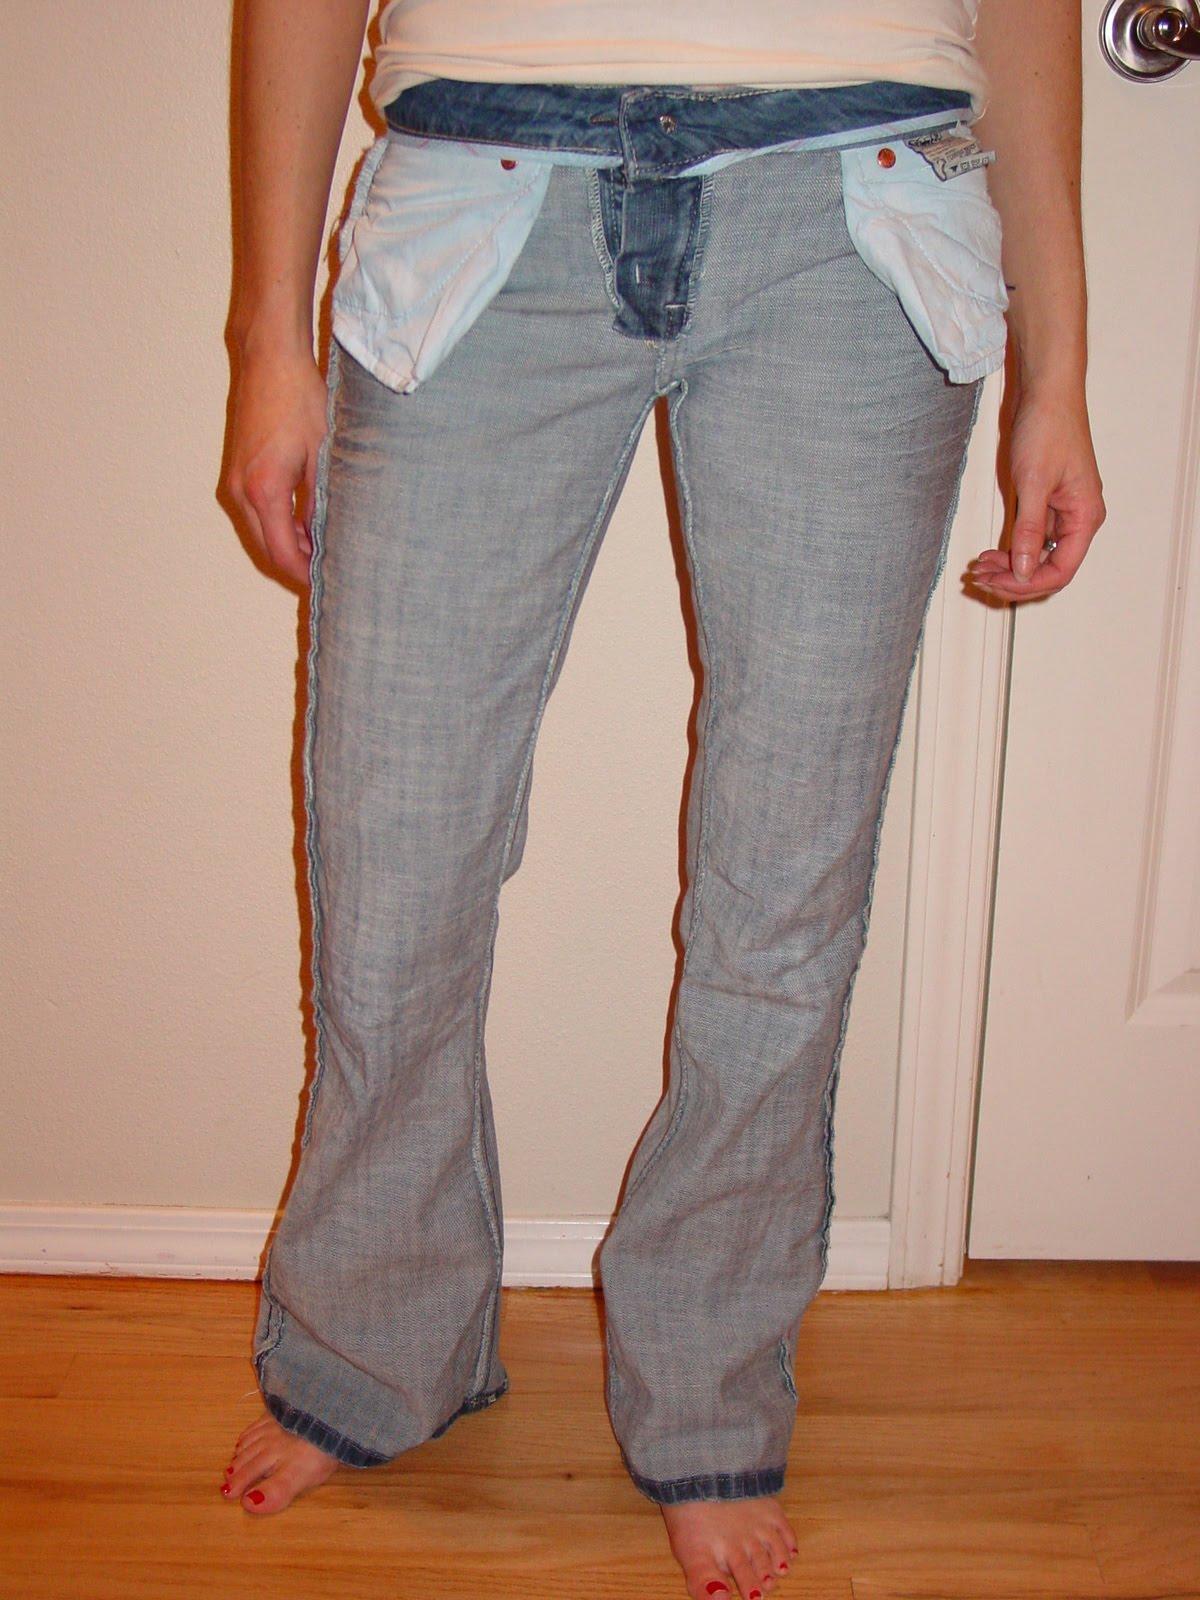 Сделать мужские шорты из джинс 191